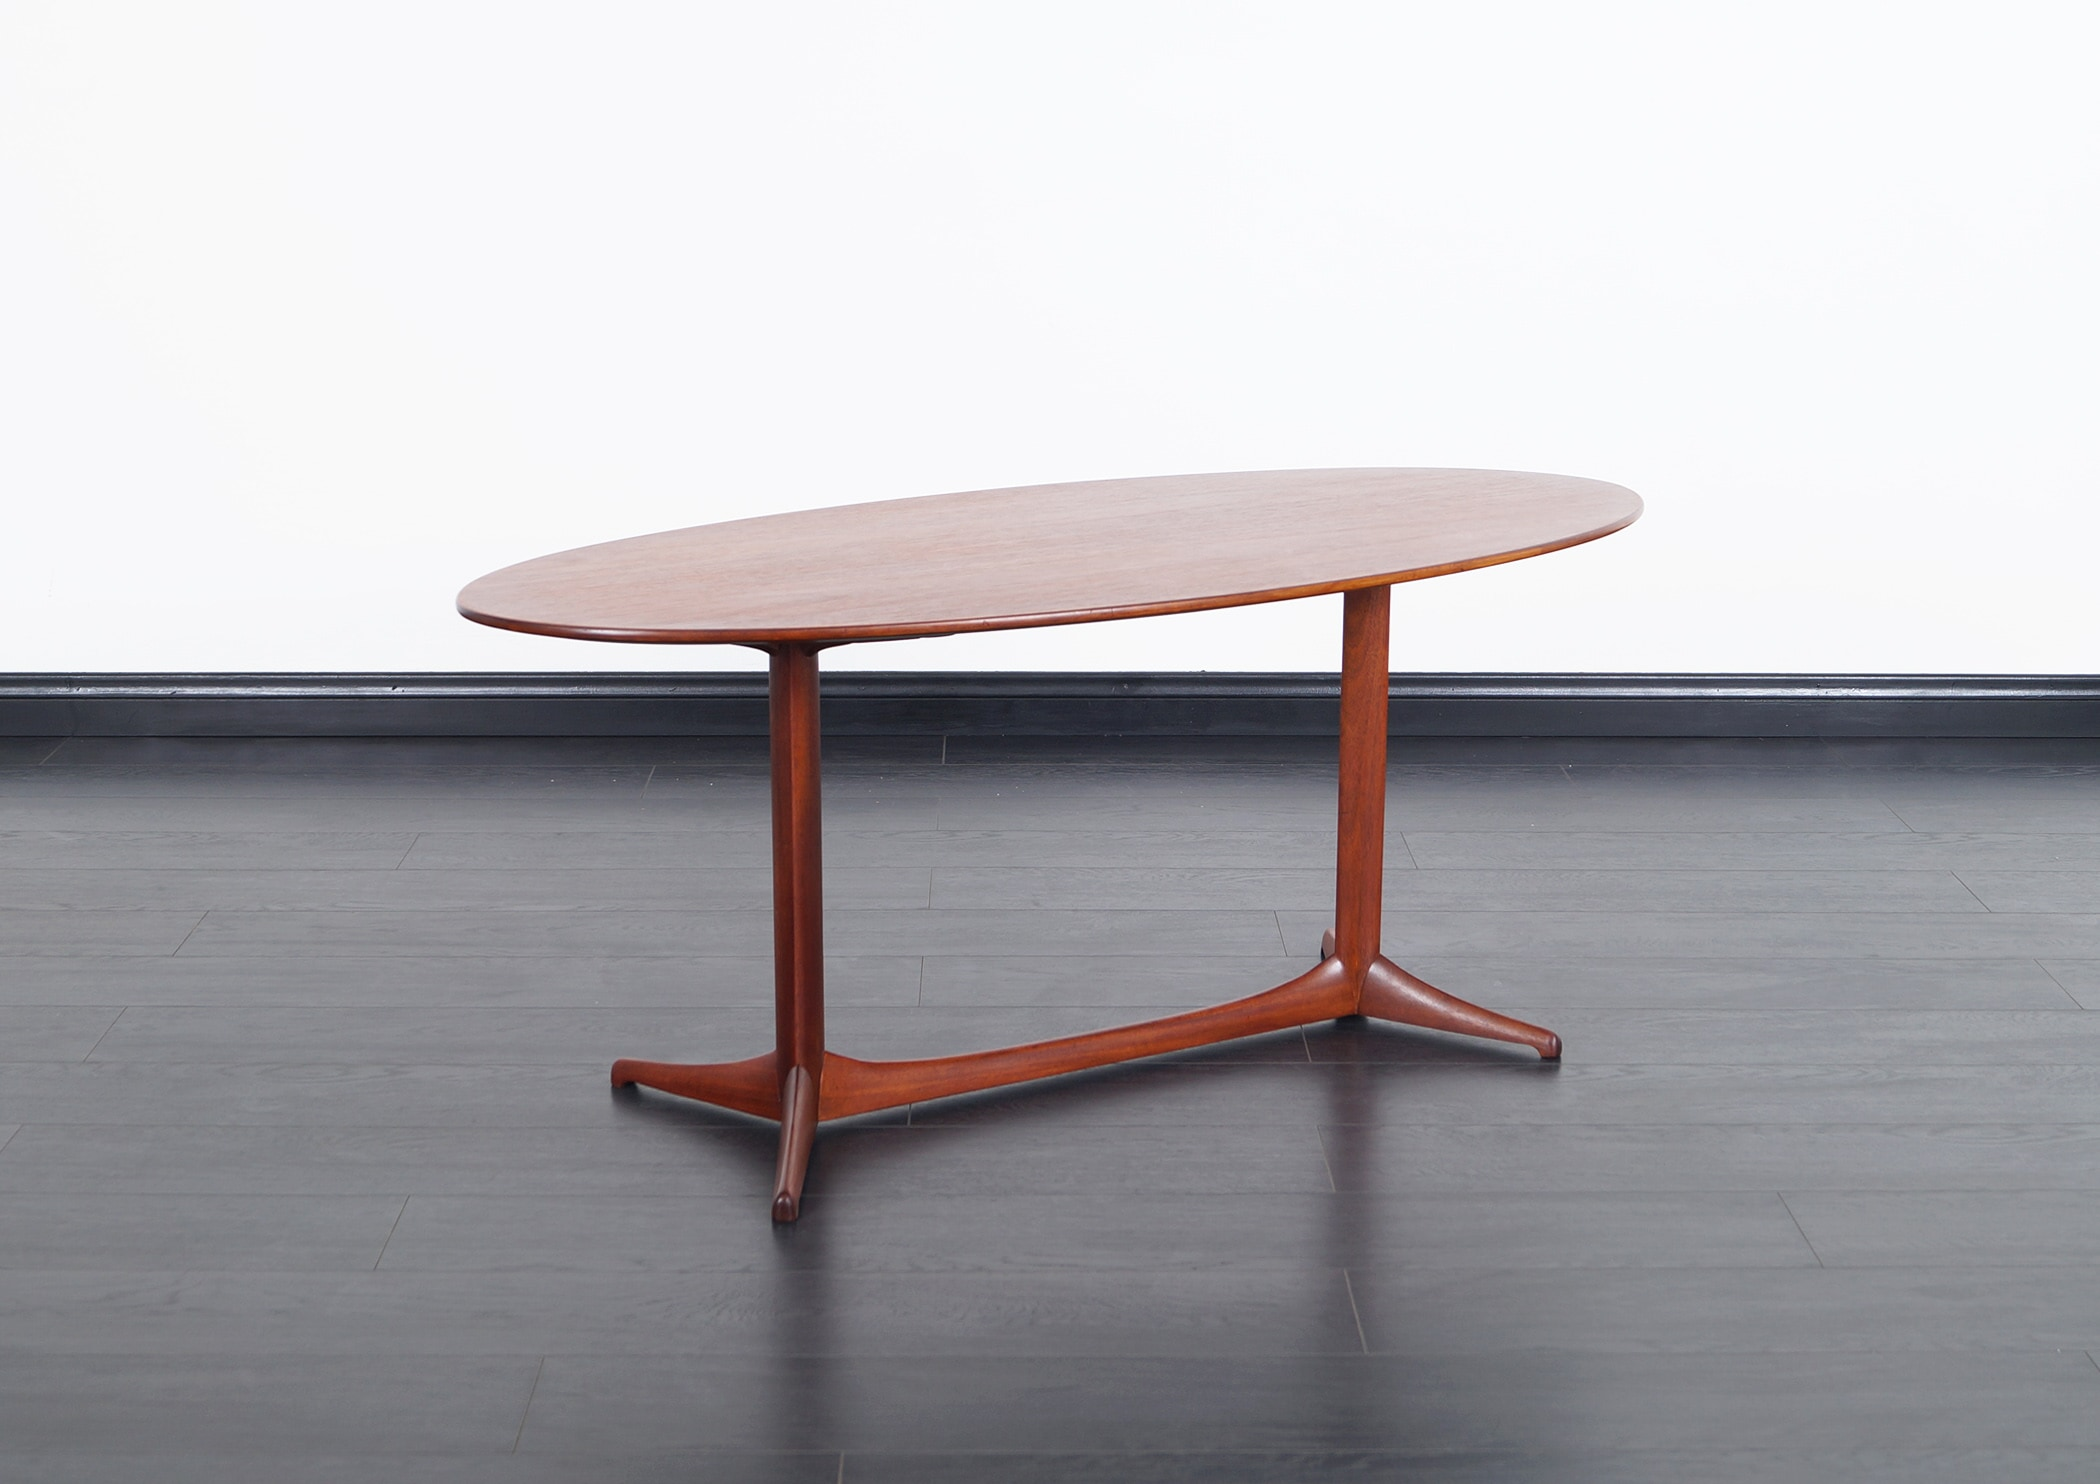 Swedish Teak Coffee Table by Kerstin Horlin-Holmquist